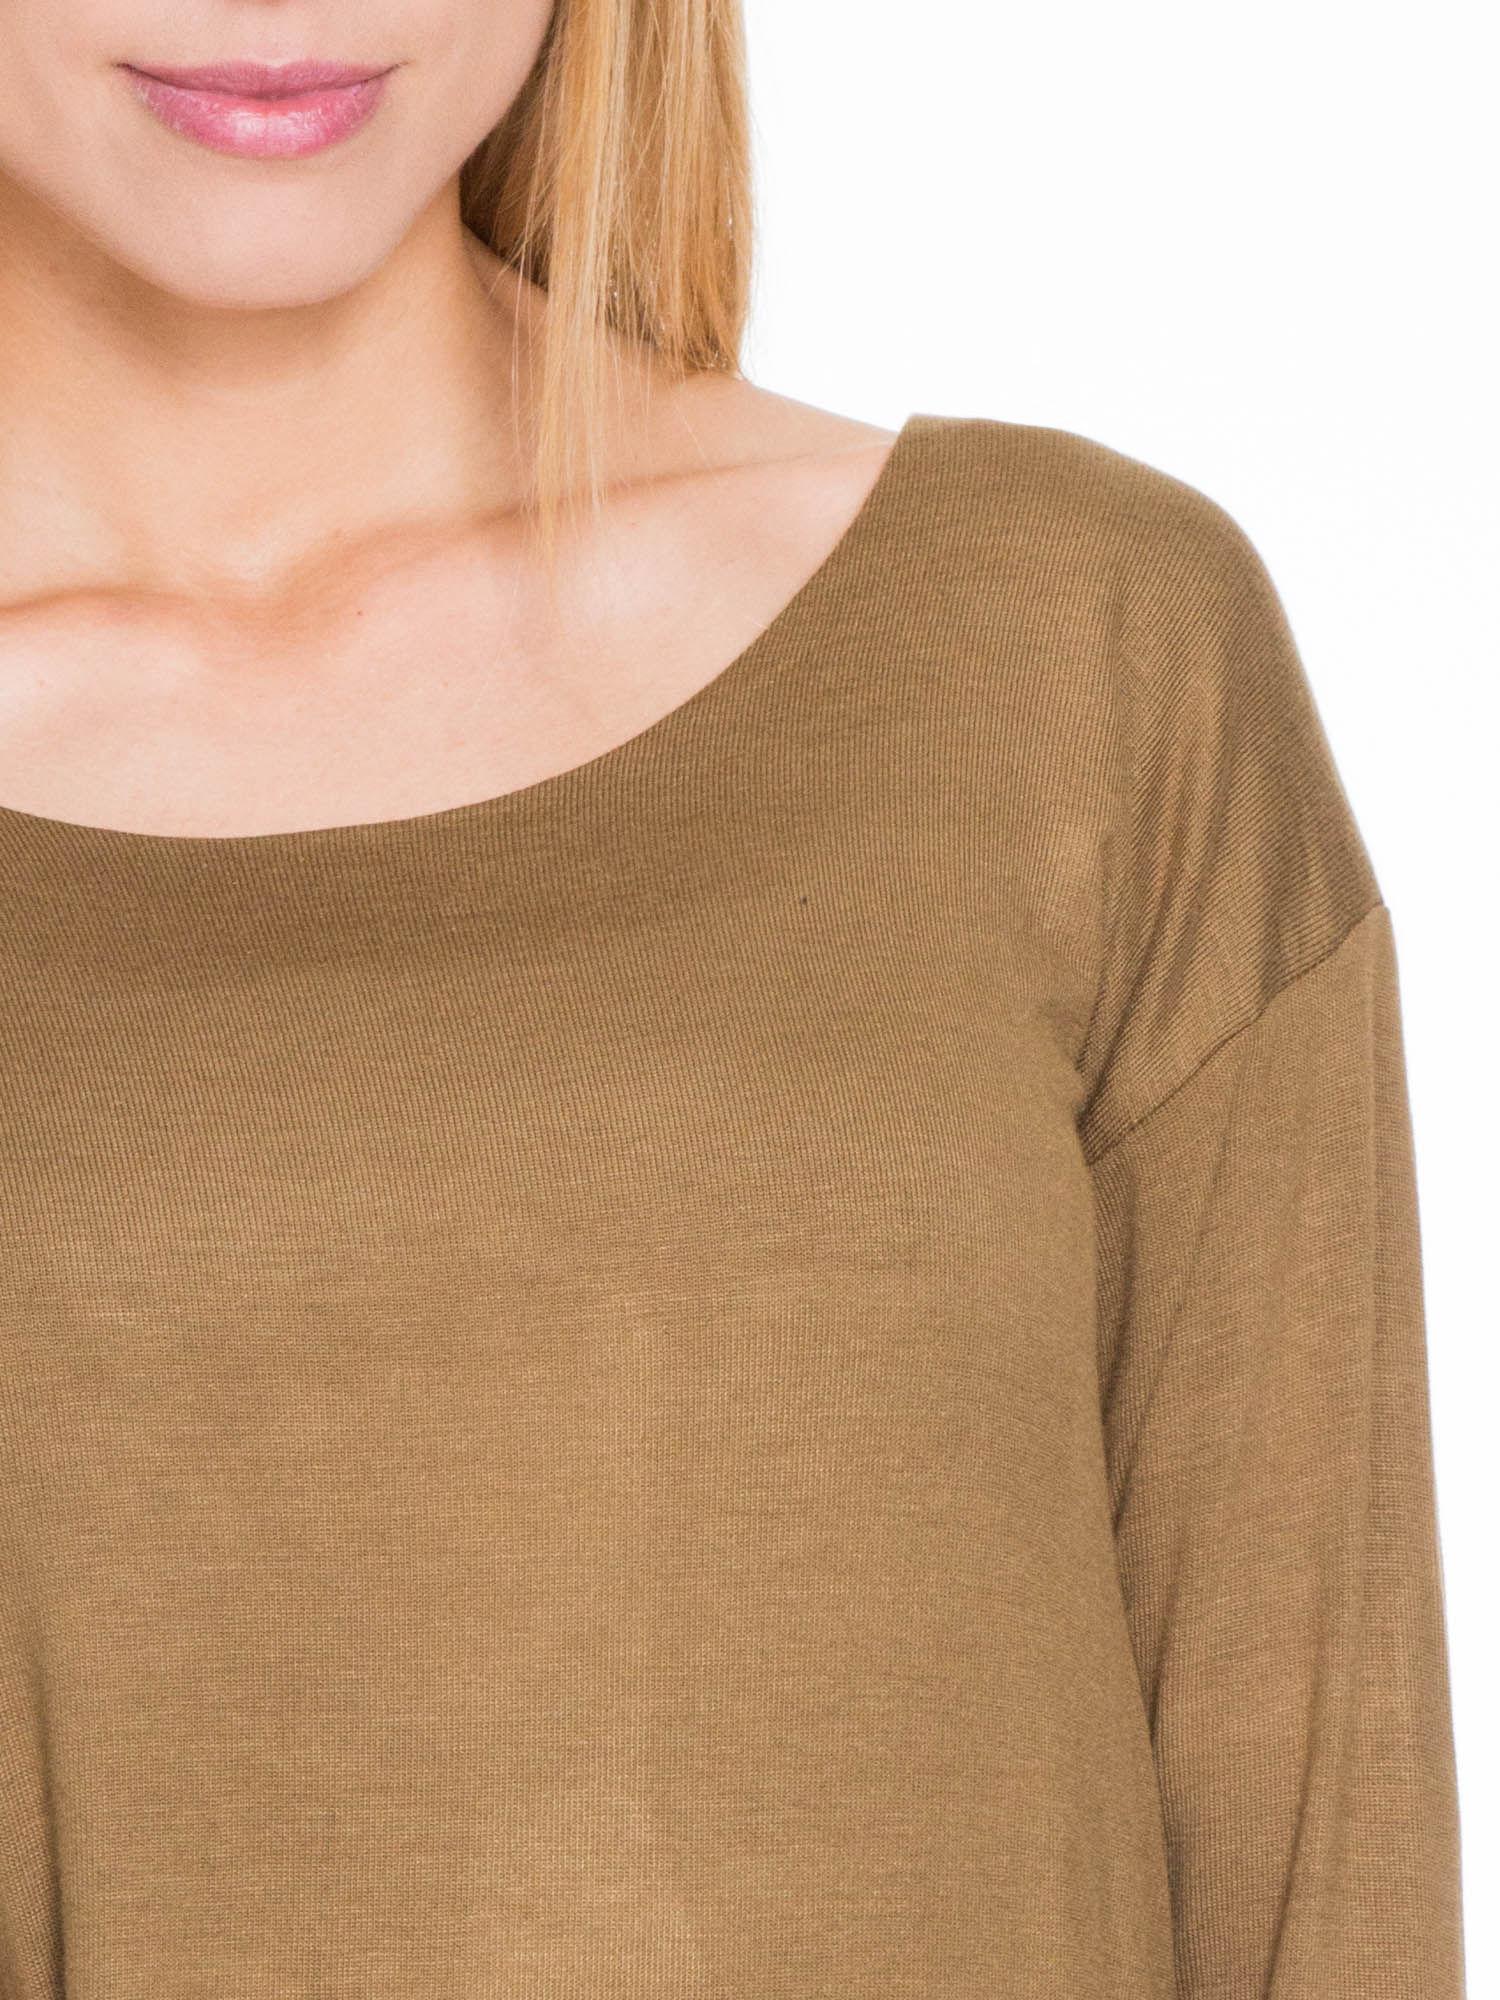 Oliwkowa bluzka z kopertowym dekoltem na plecach                                  zdj.                                  3